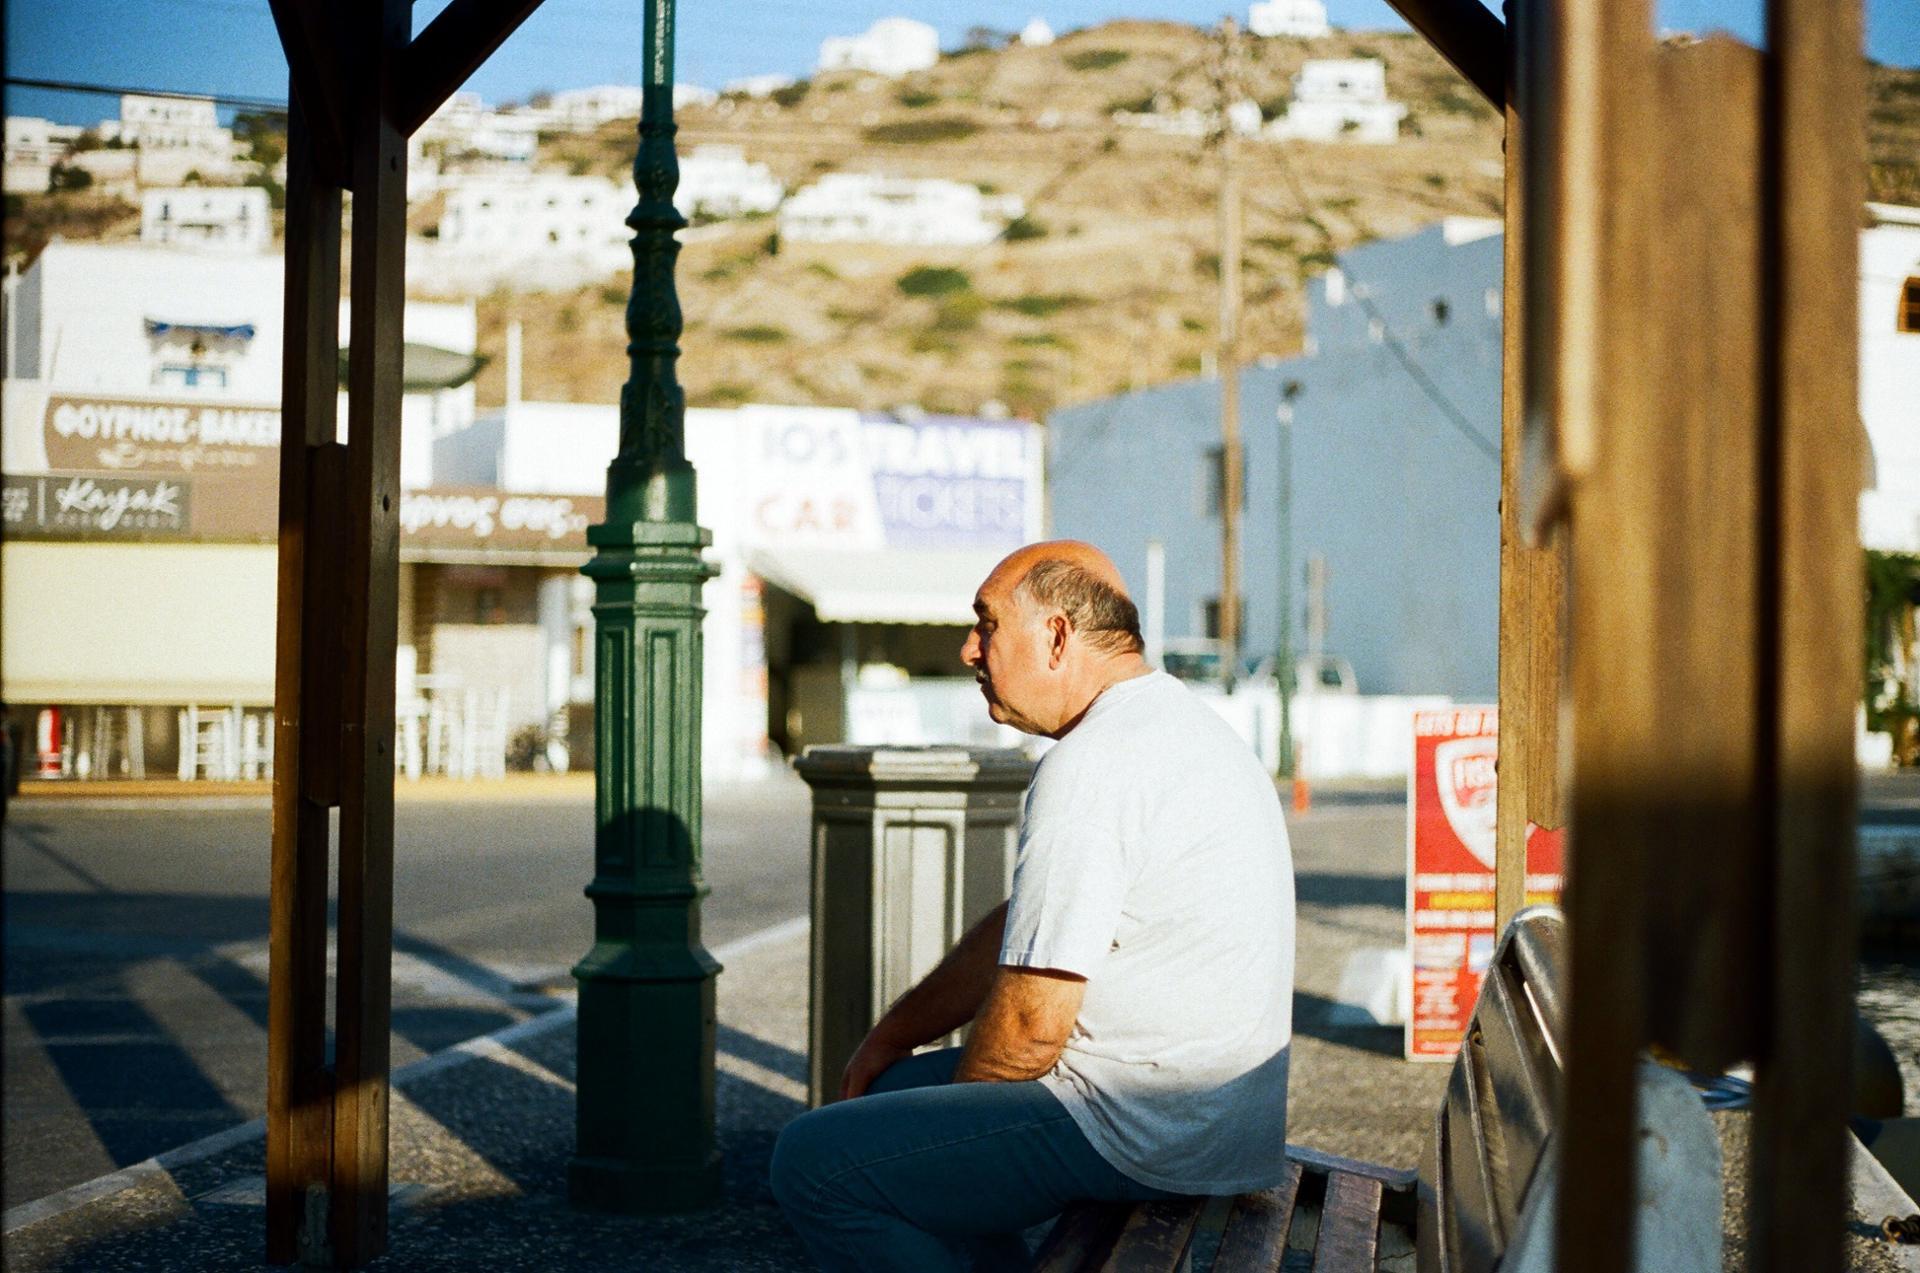 Loneliness, despite the sun